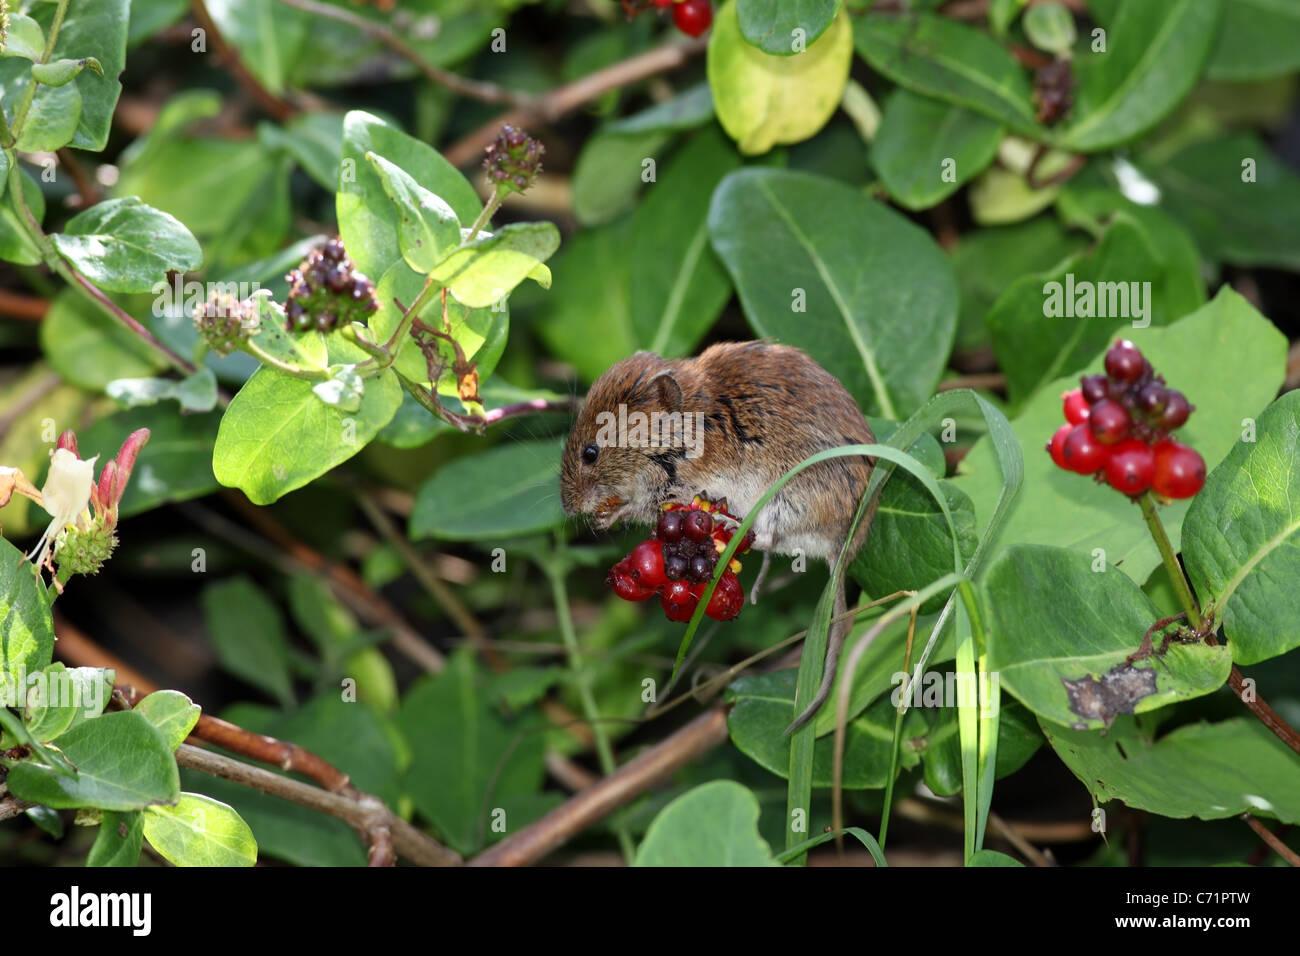 Bank Vole Clethrionomys glareolus Feeding on Honeysuckle Berries UK - Stock Image